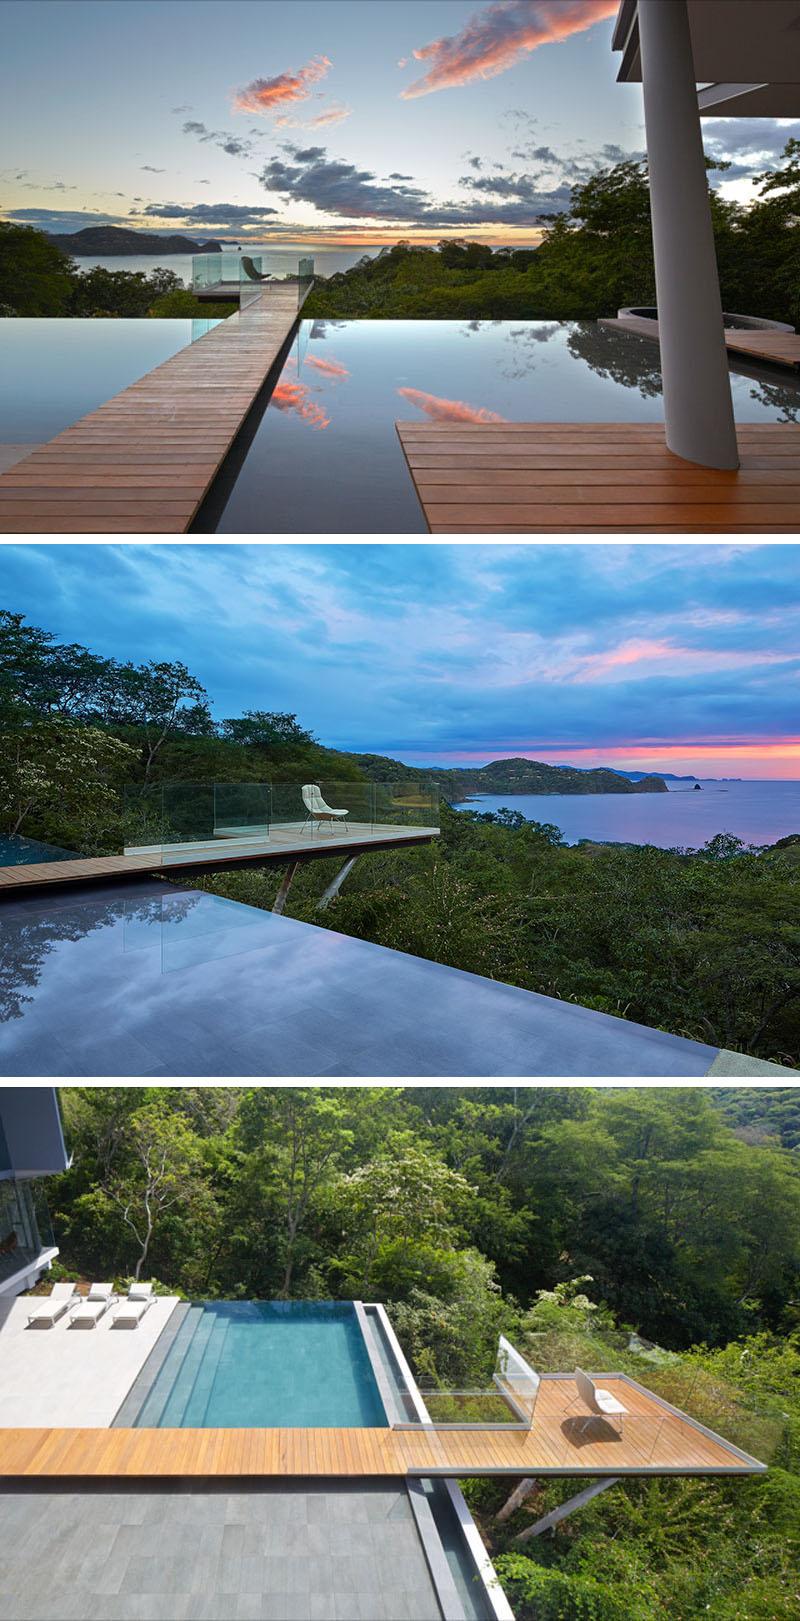 Θα ξετρελαθείτε με τη θέα που έχει αυτό το σπίτι! Ξεχωρίζει για τοφουτουριστικό designτου! (photos)